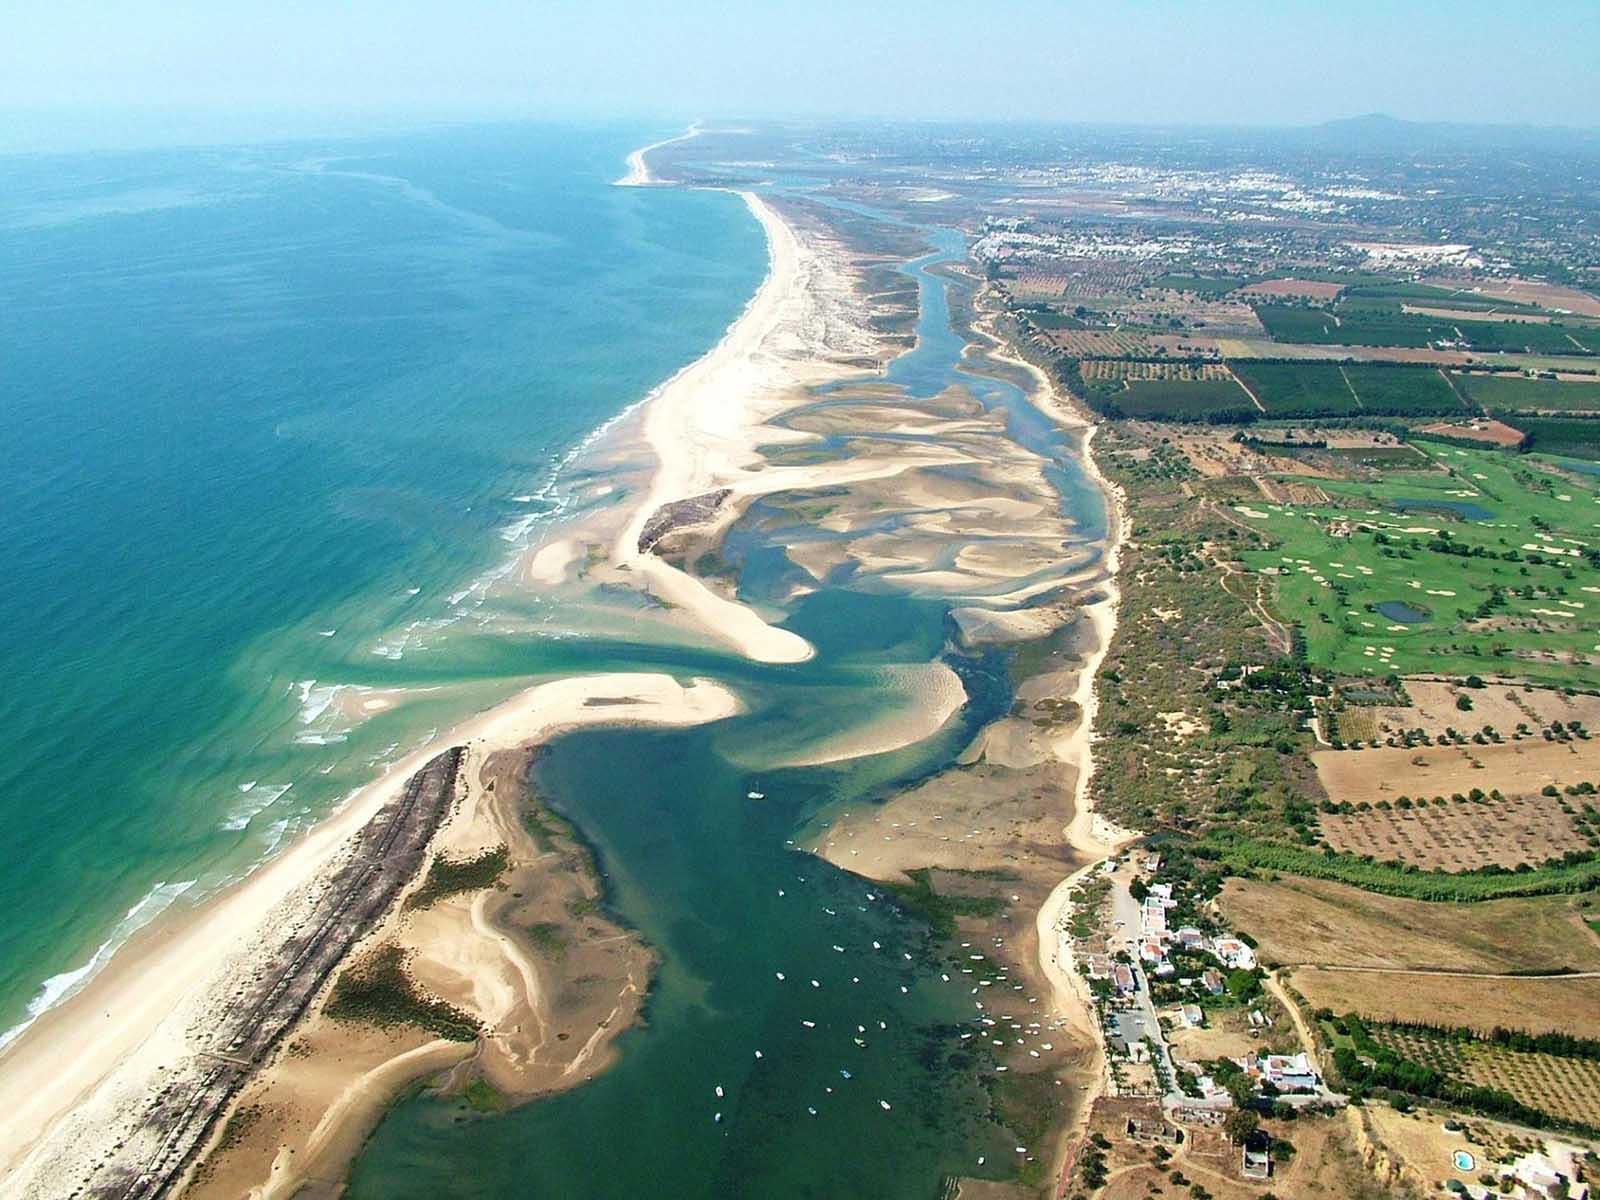 Vista aérea de uno de los mejores campings de Portugal cerca de Ria Formosa.